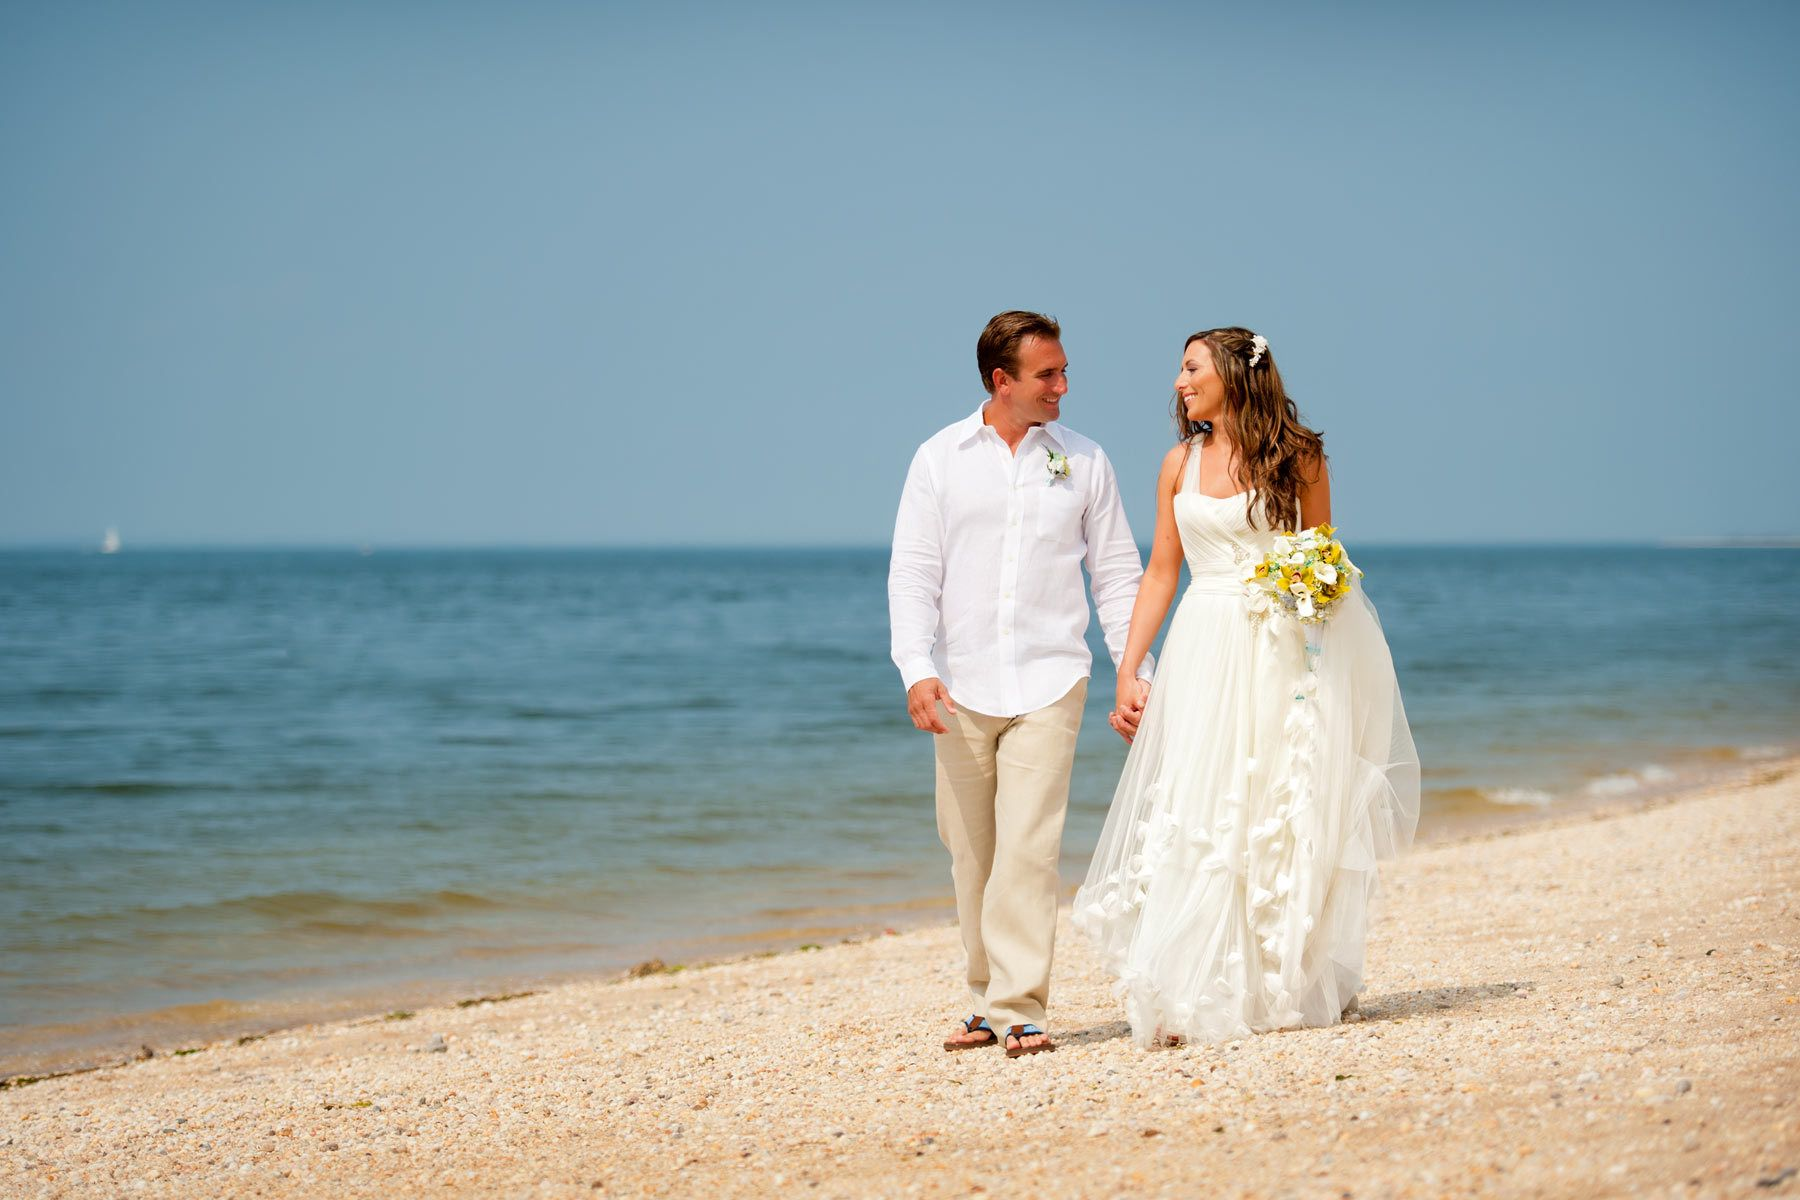 Wedding Beach Wallpaper HD Wallpaper 1080p